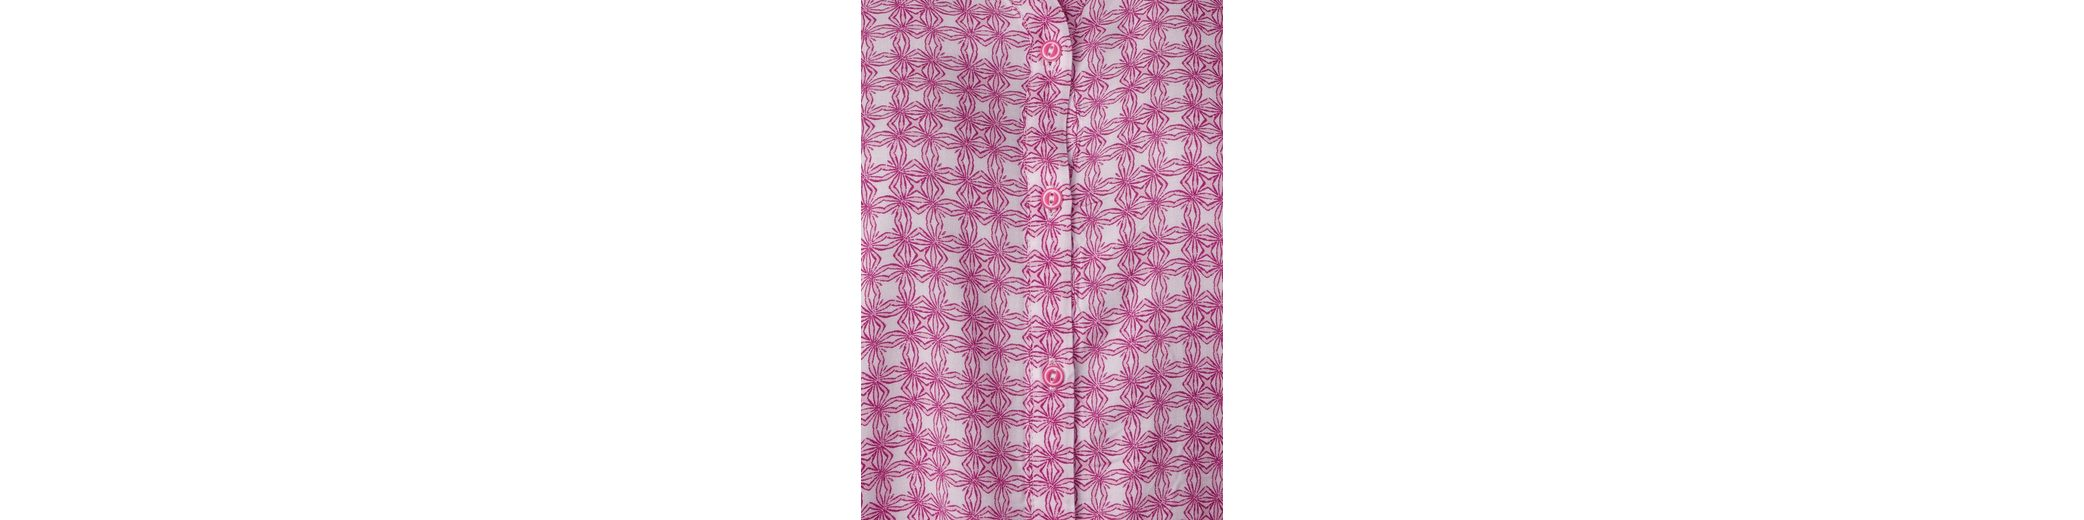 CECIL Ornamental-Print Bluse Erstaunlicher Preis Sneakernews Günstiger Preis Laden Verkauf Billig Store ac0Gv